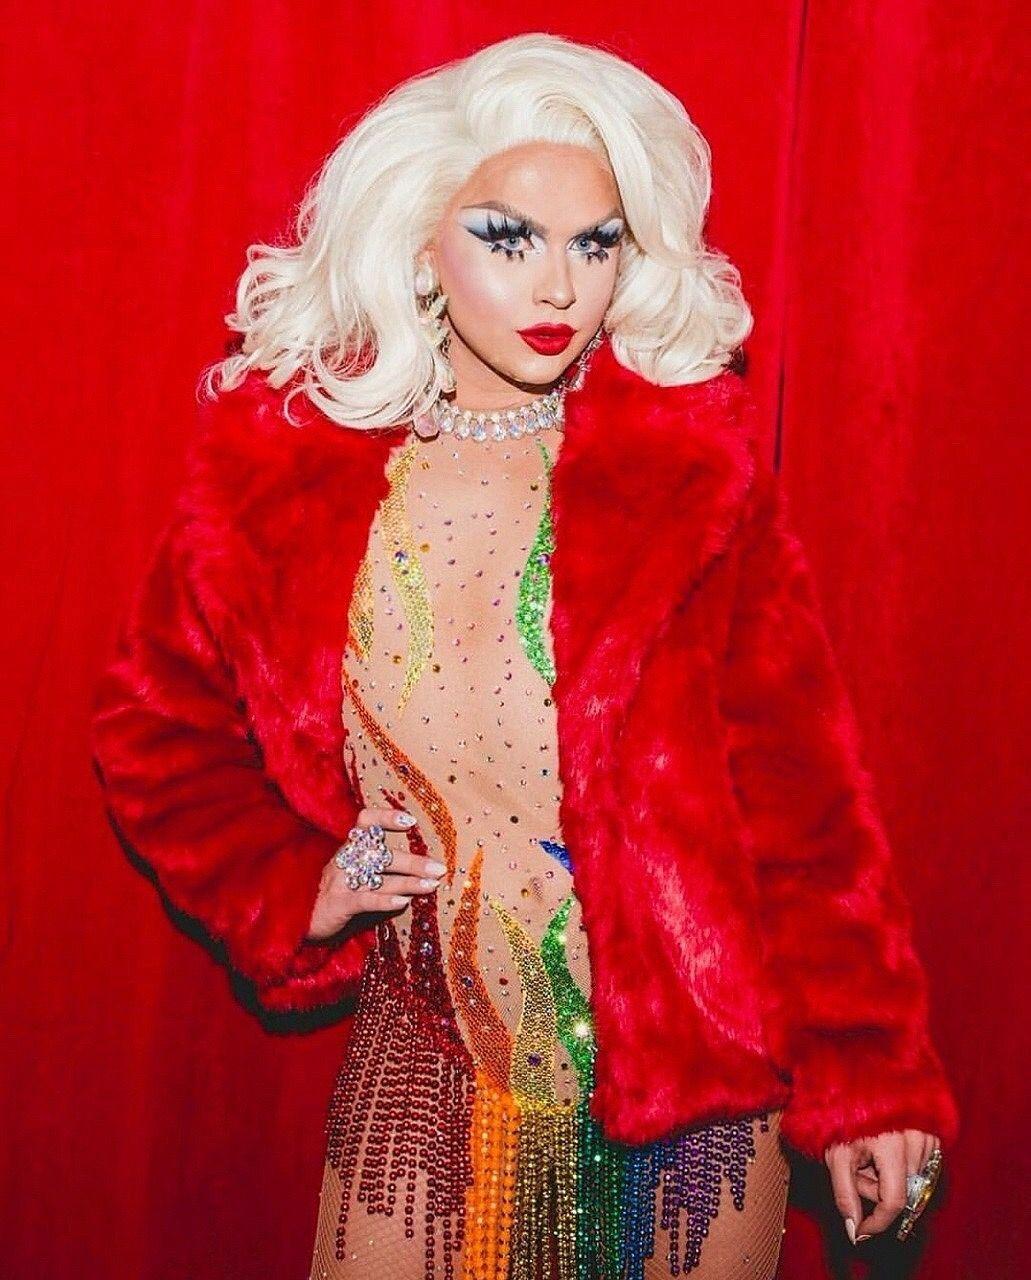 Look at her! | DragQueen | Fur coat, Coat, Crossdressers